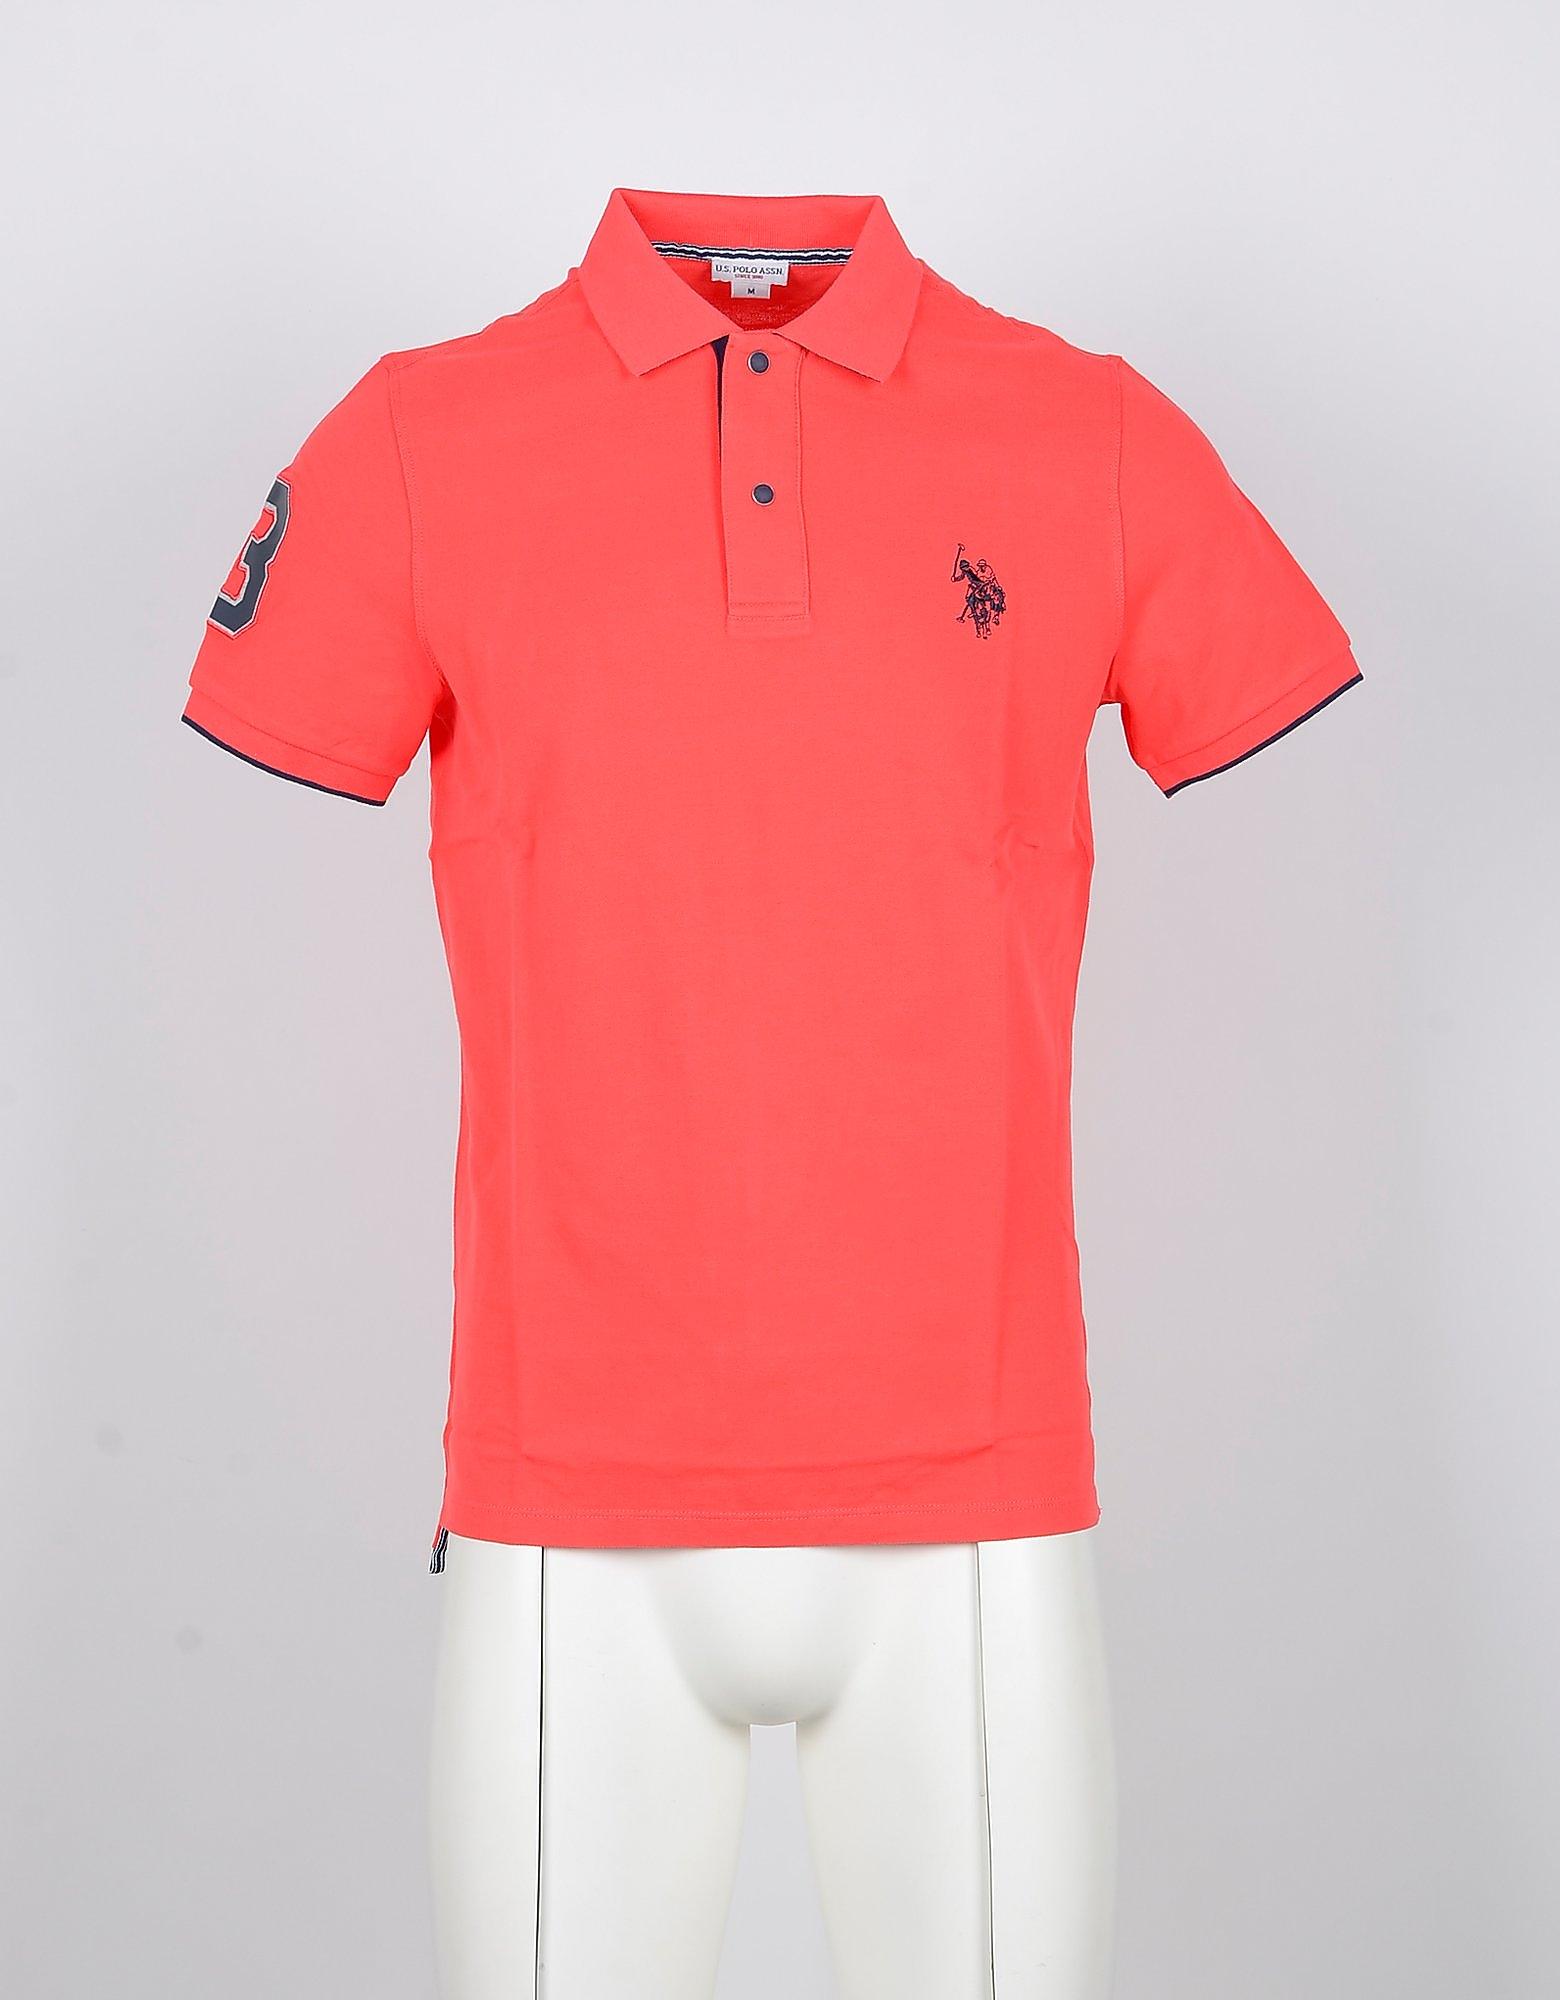 U.S. Polo Assn. Designer Polo Shirts, Bright Orange Cotton Men's Polo Shirt